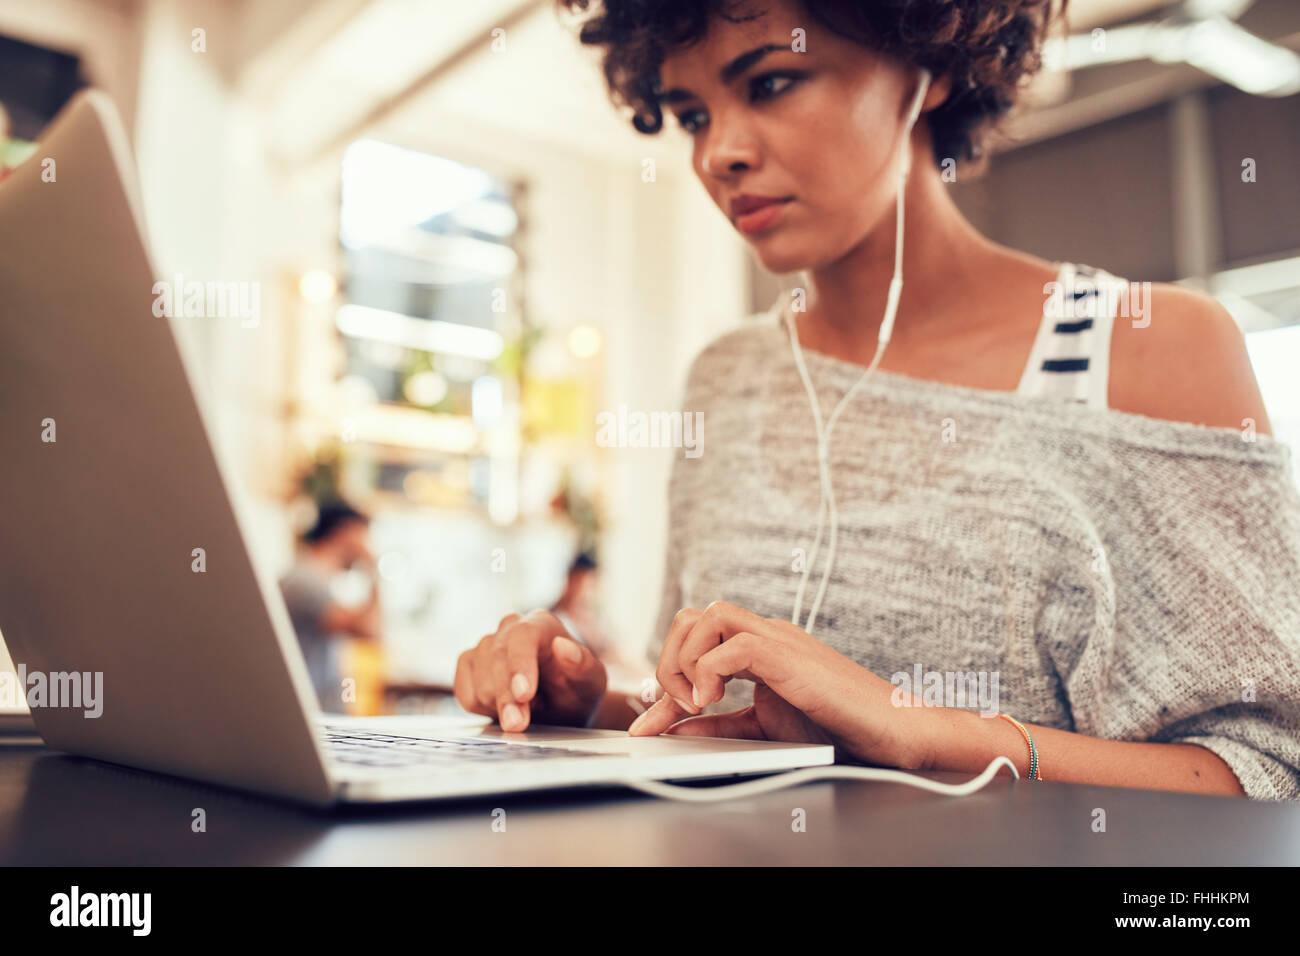 Ritratto di giovane donna alla ricerca occupato a lavorare sul computer portatile in un cafe'. Donna africana in seduta coffee shop utilizzando laptop. Foto Stock